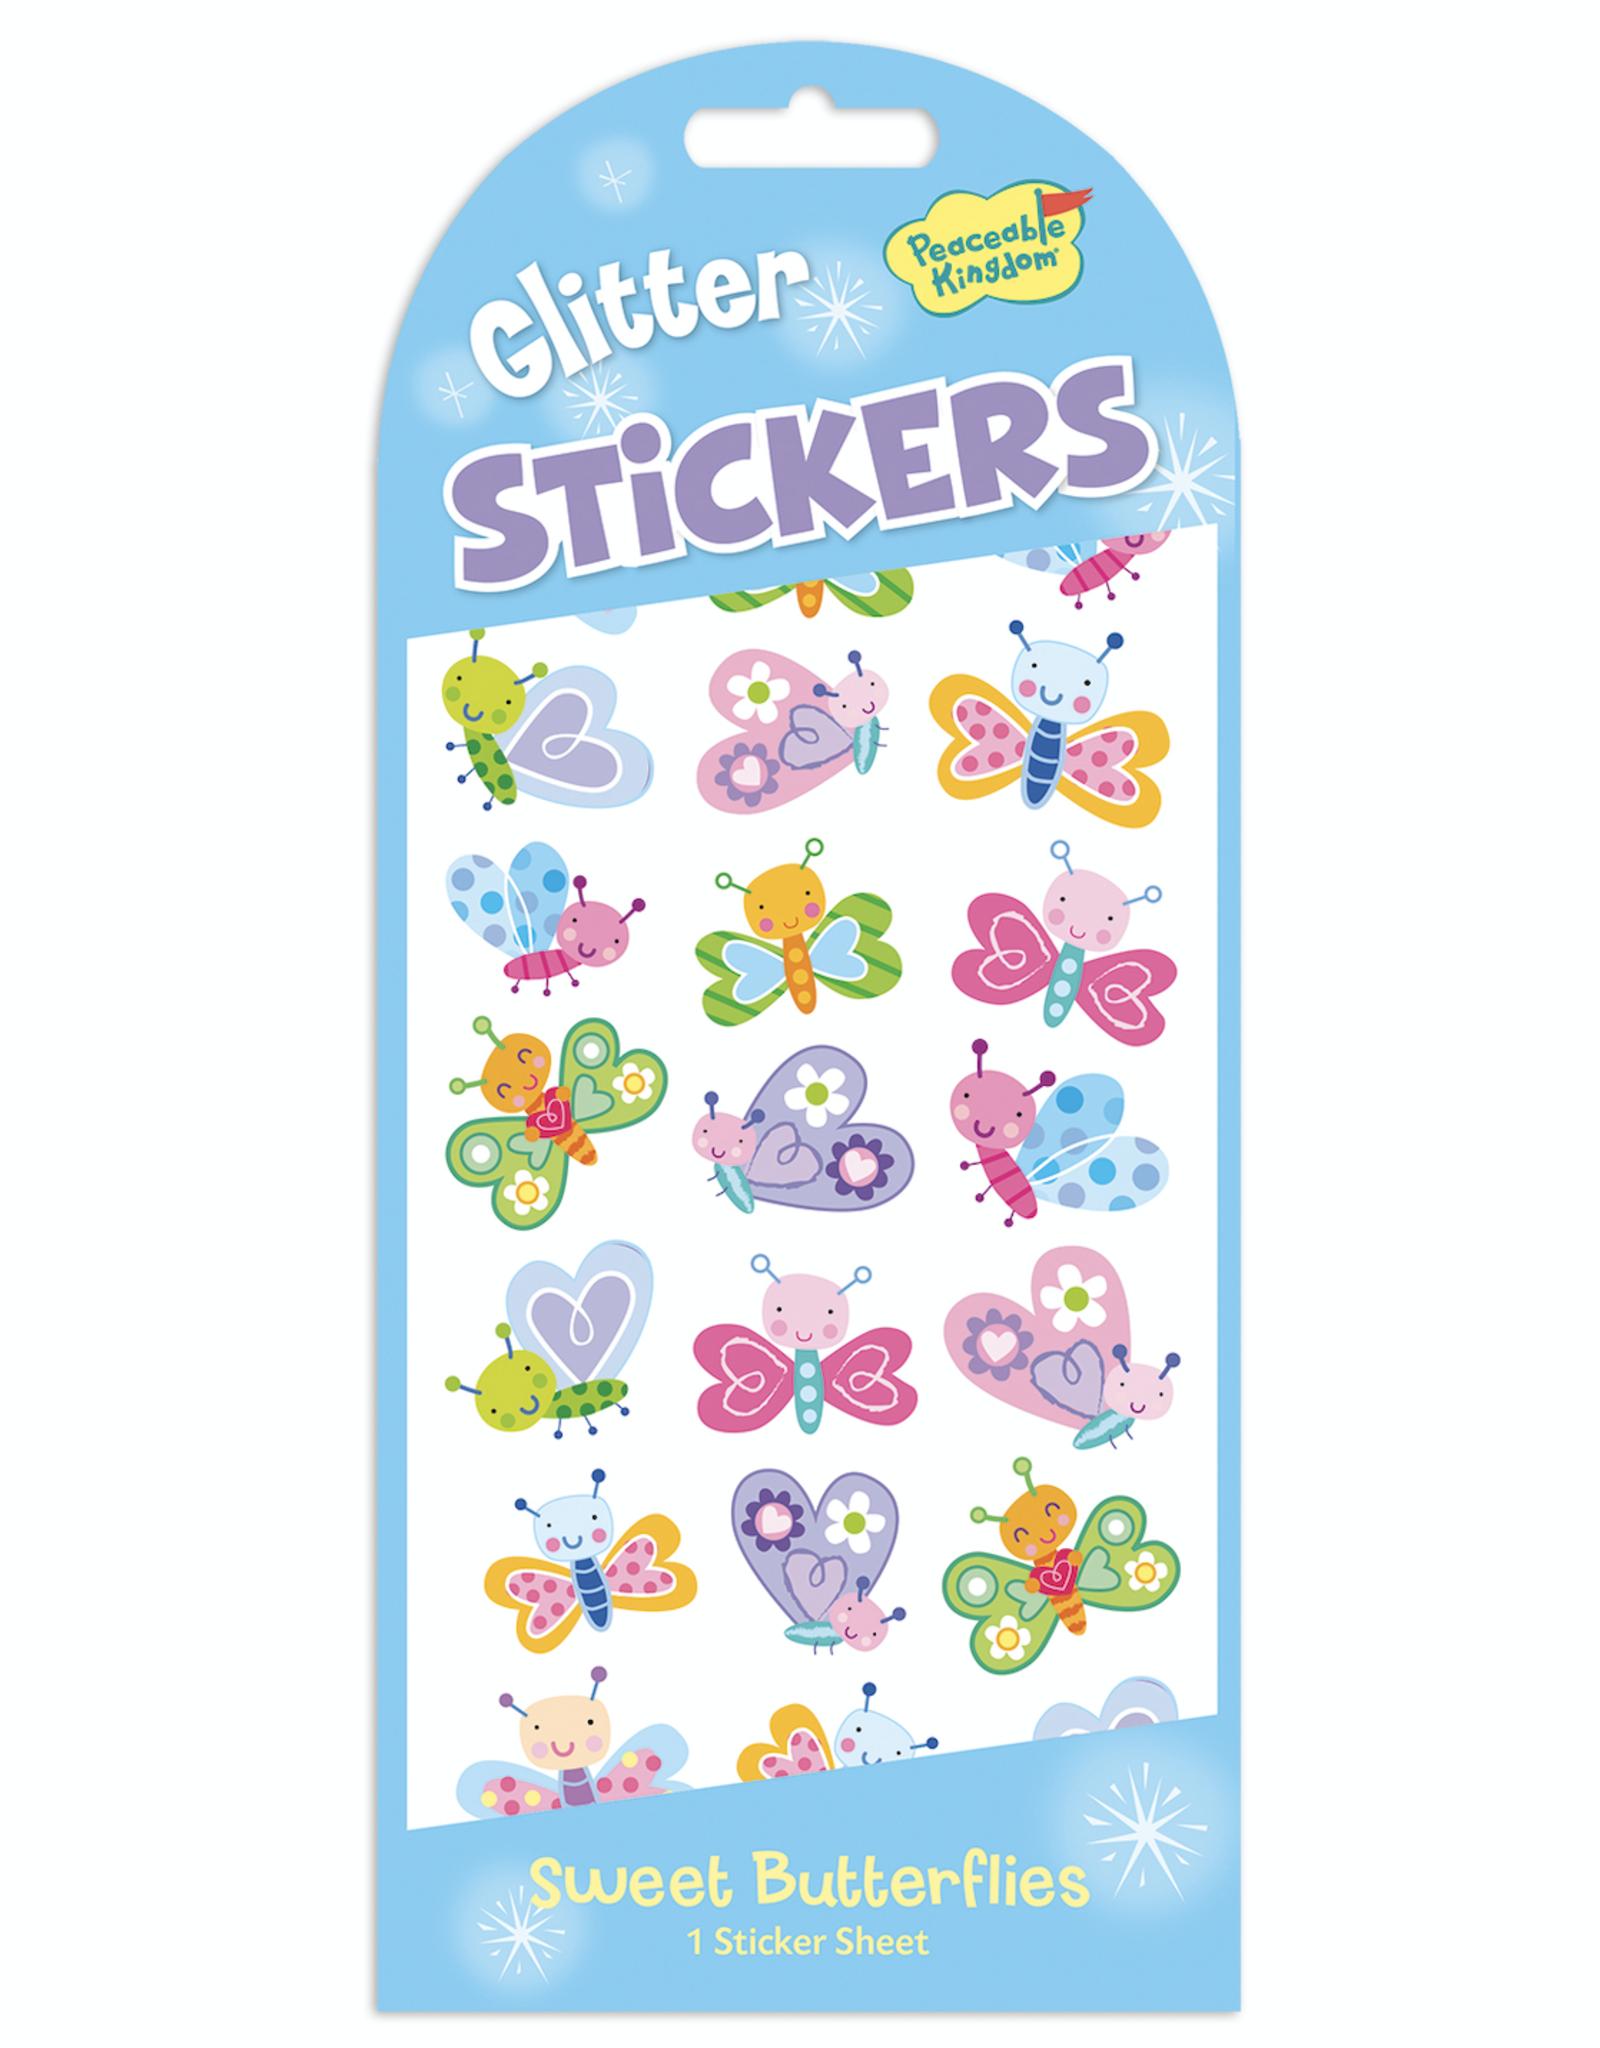 Peaceable Kingdom Glitter Stickers: Sweet Butterflies